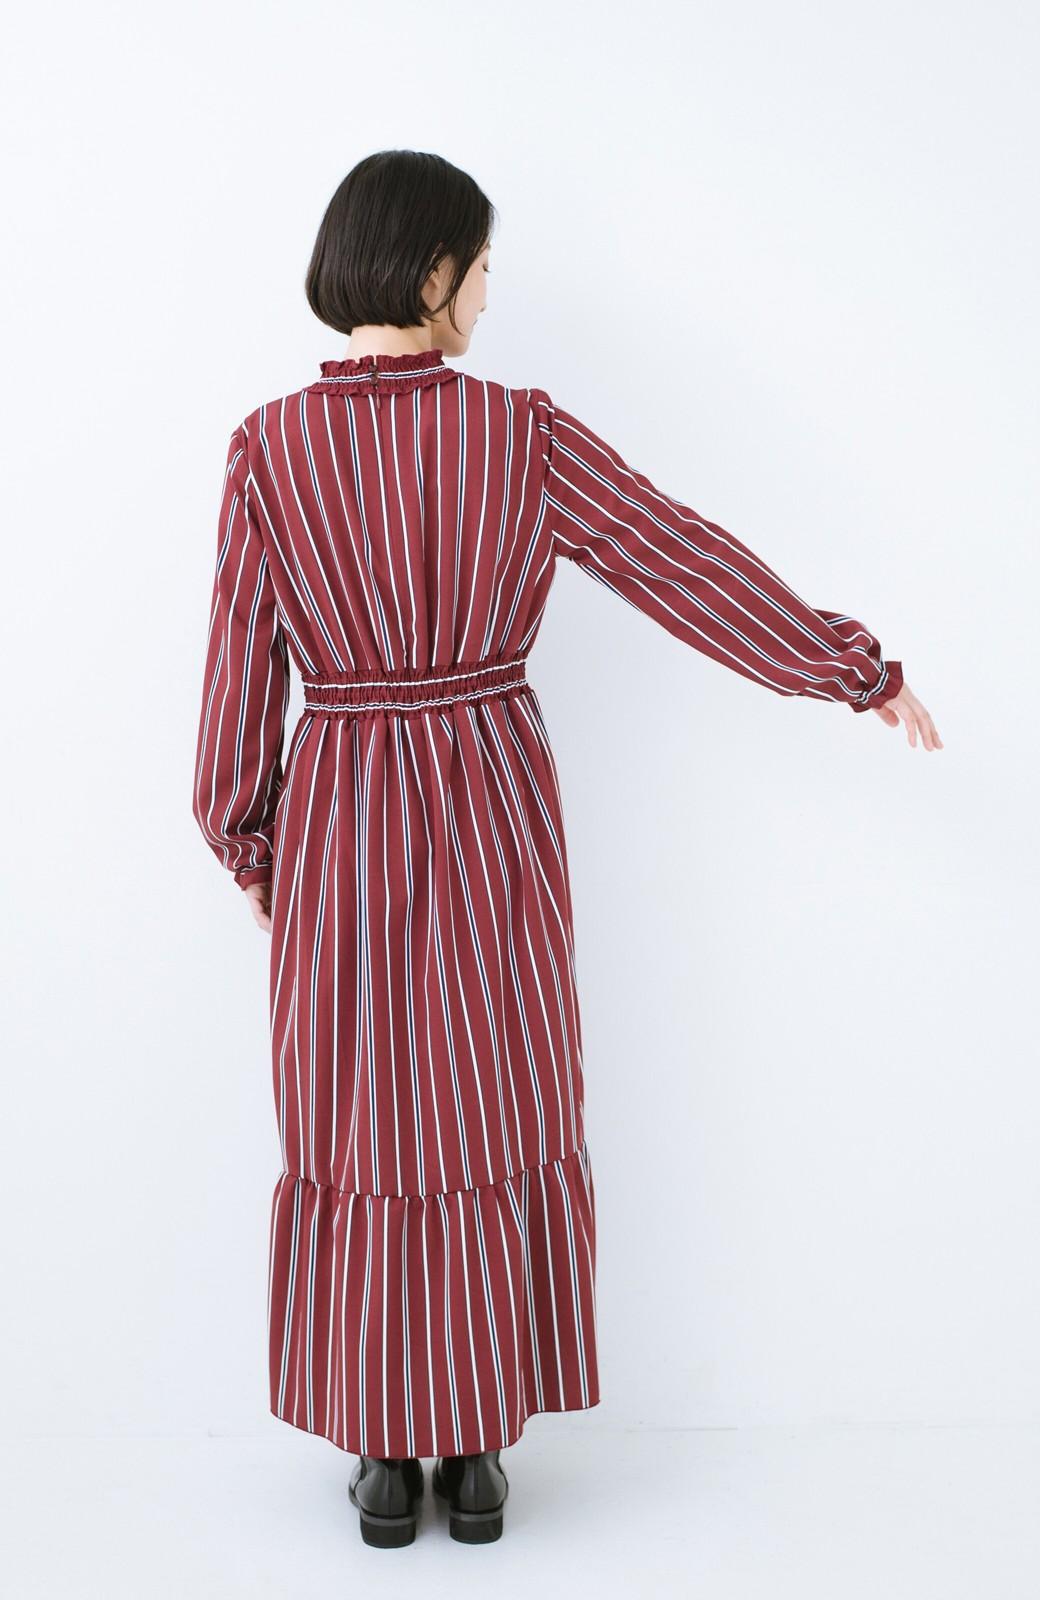 haco! 着るだけでテンション上げられる レジメンタルストライプのハイネックワンピース <ワインレッド>の商品写真10